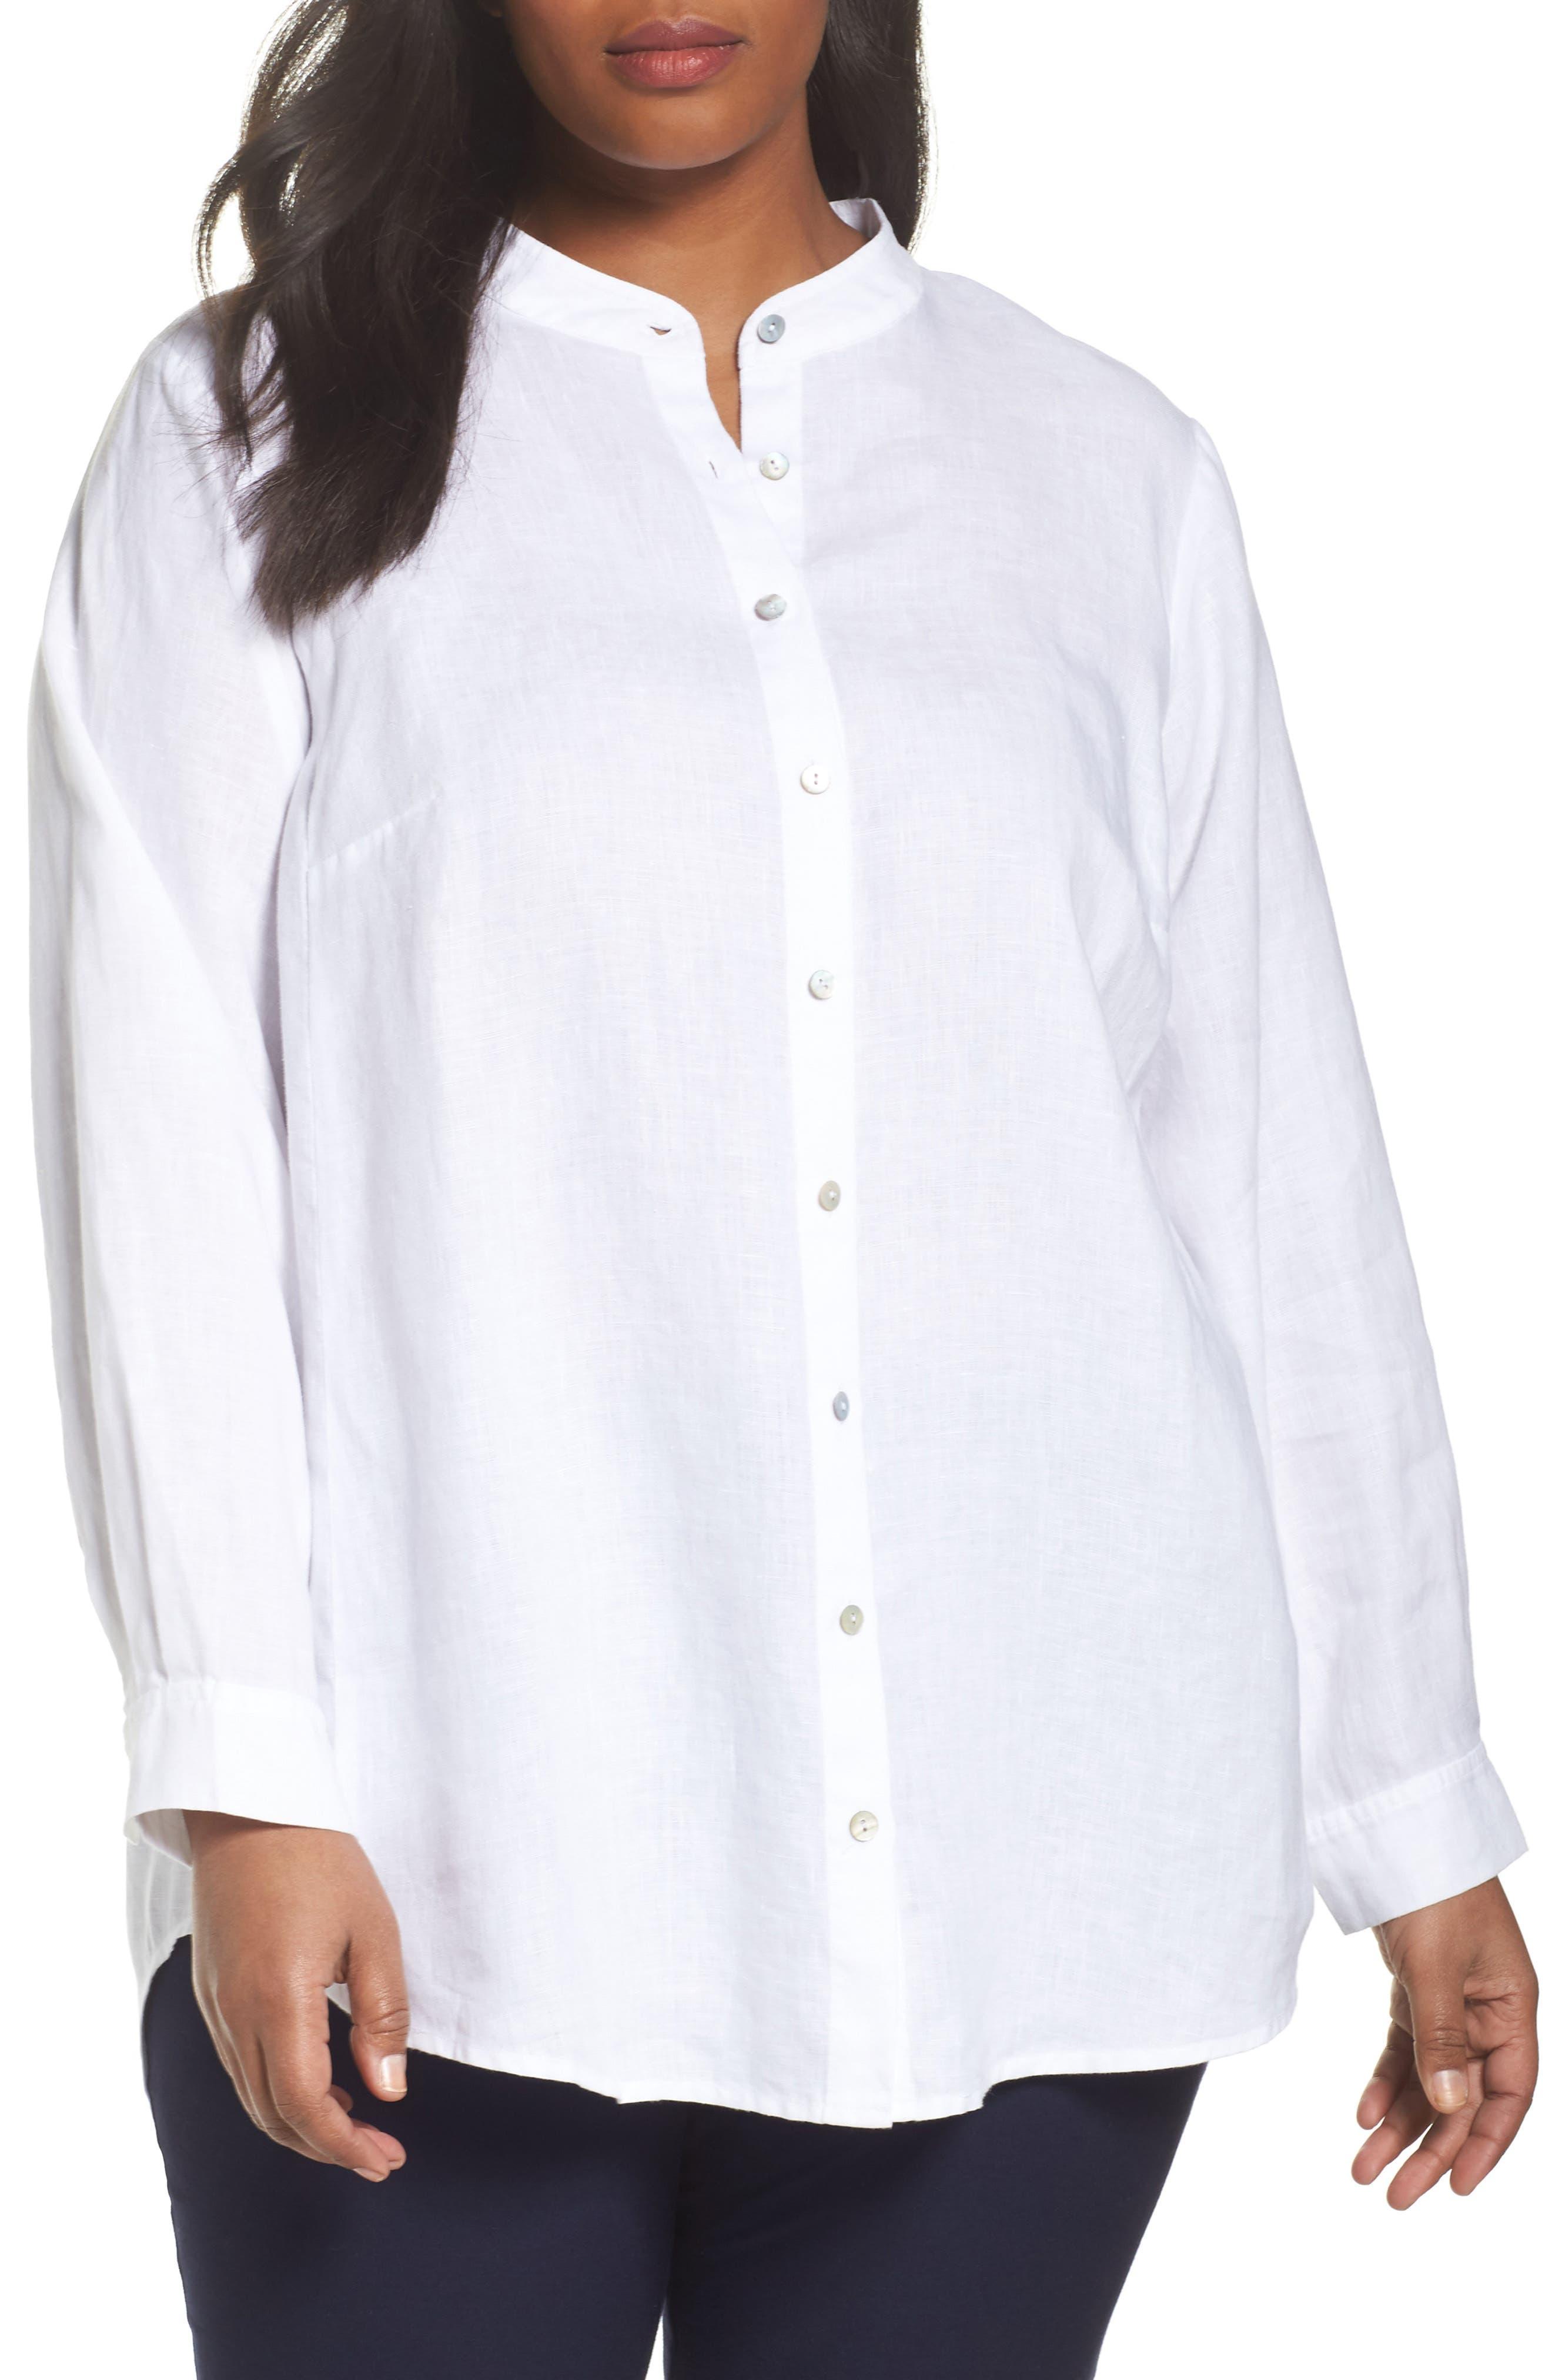 Main Image - Eileen Fisher Organic Linen Tunic Shirt (Plus Size)